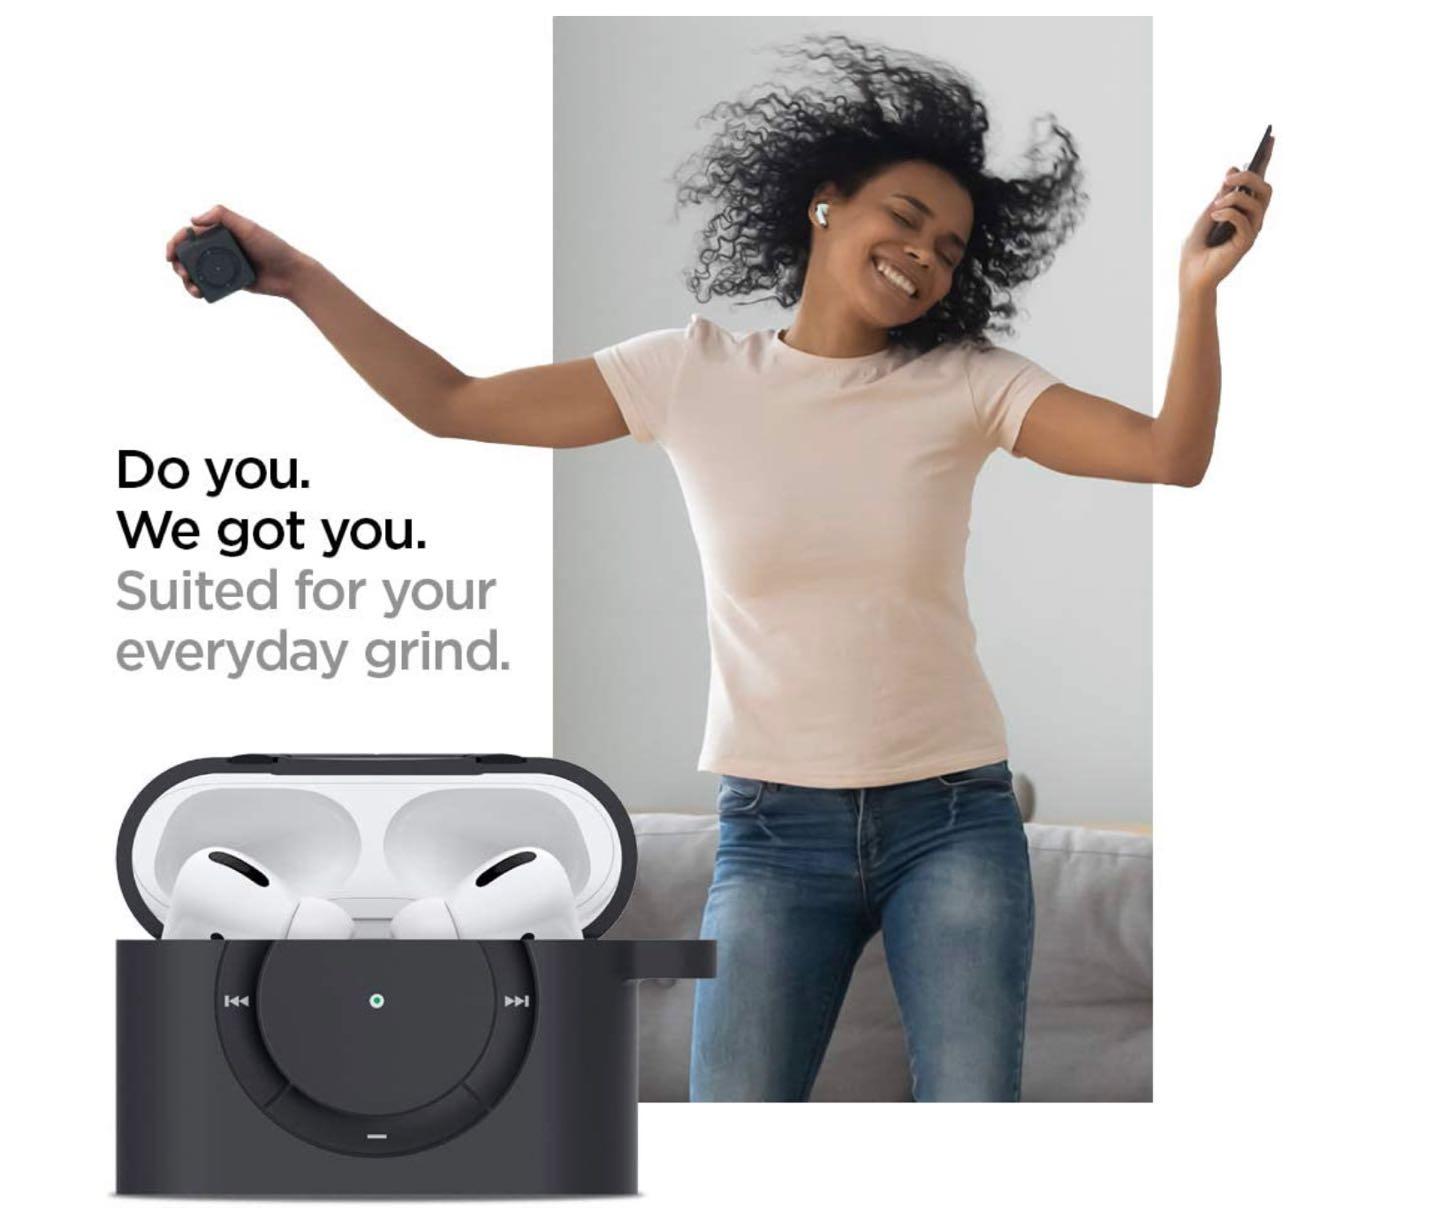 Apple AirPods Pro ケース カバー iPod shuffle 完全再現 カラビナ リング 付き シリコン 収納ケース−3